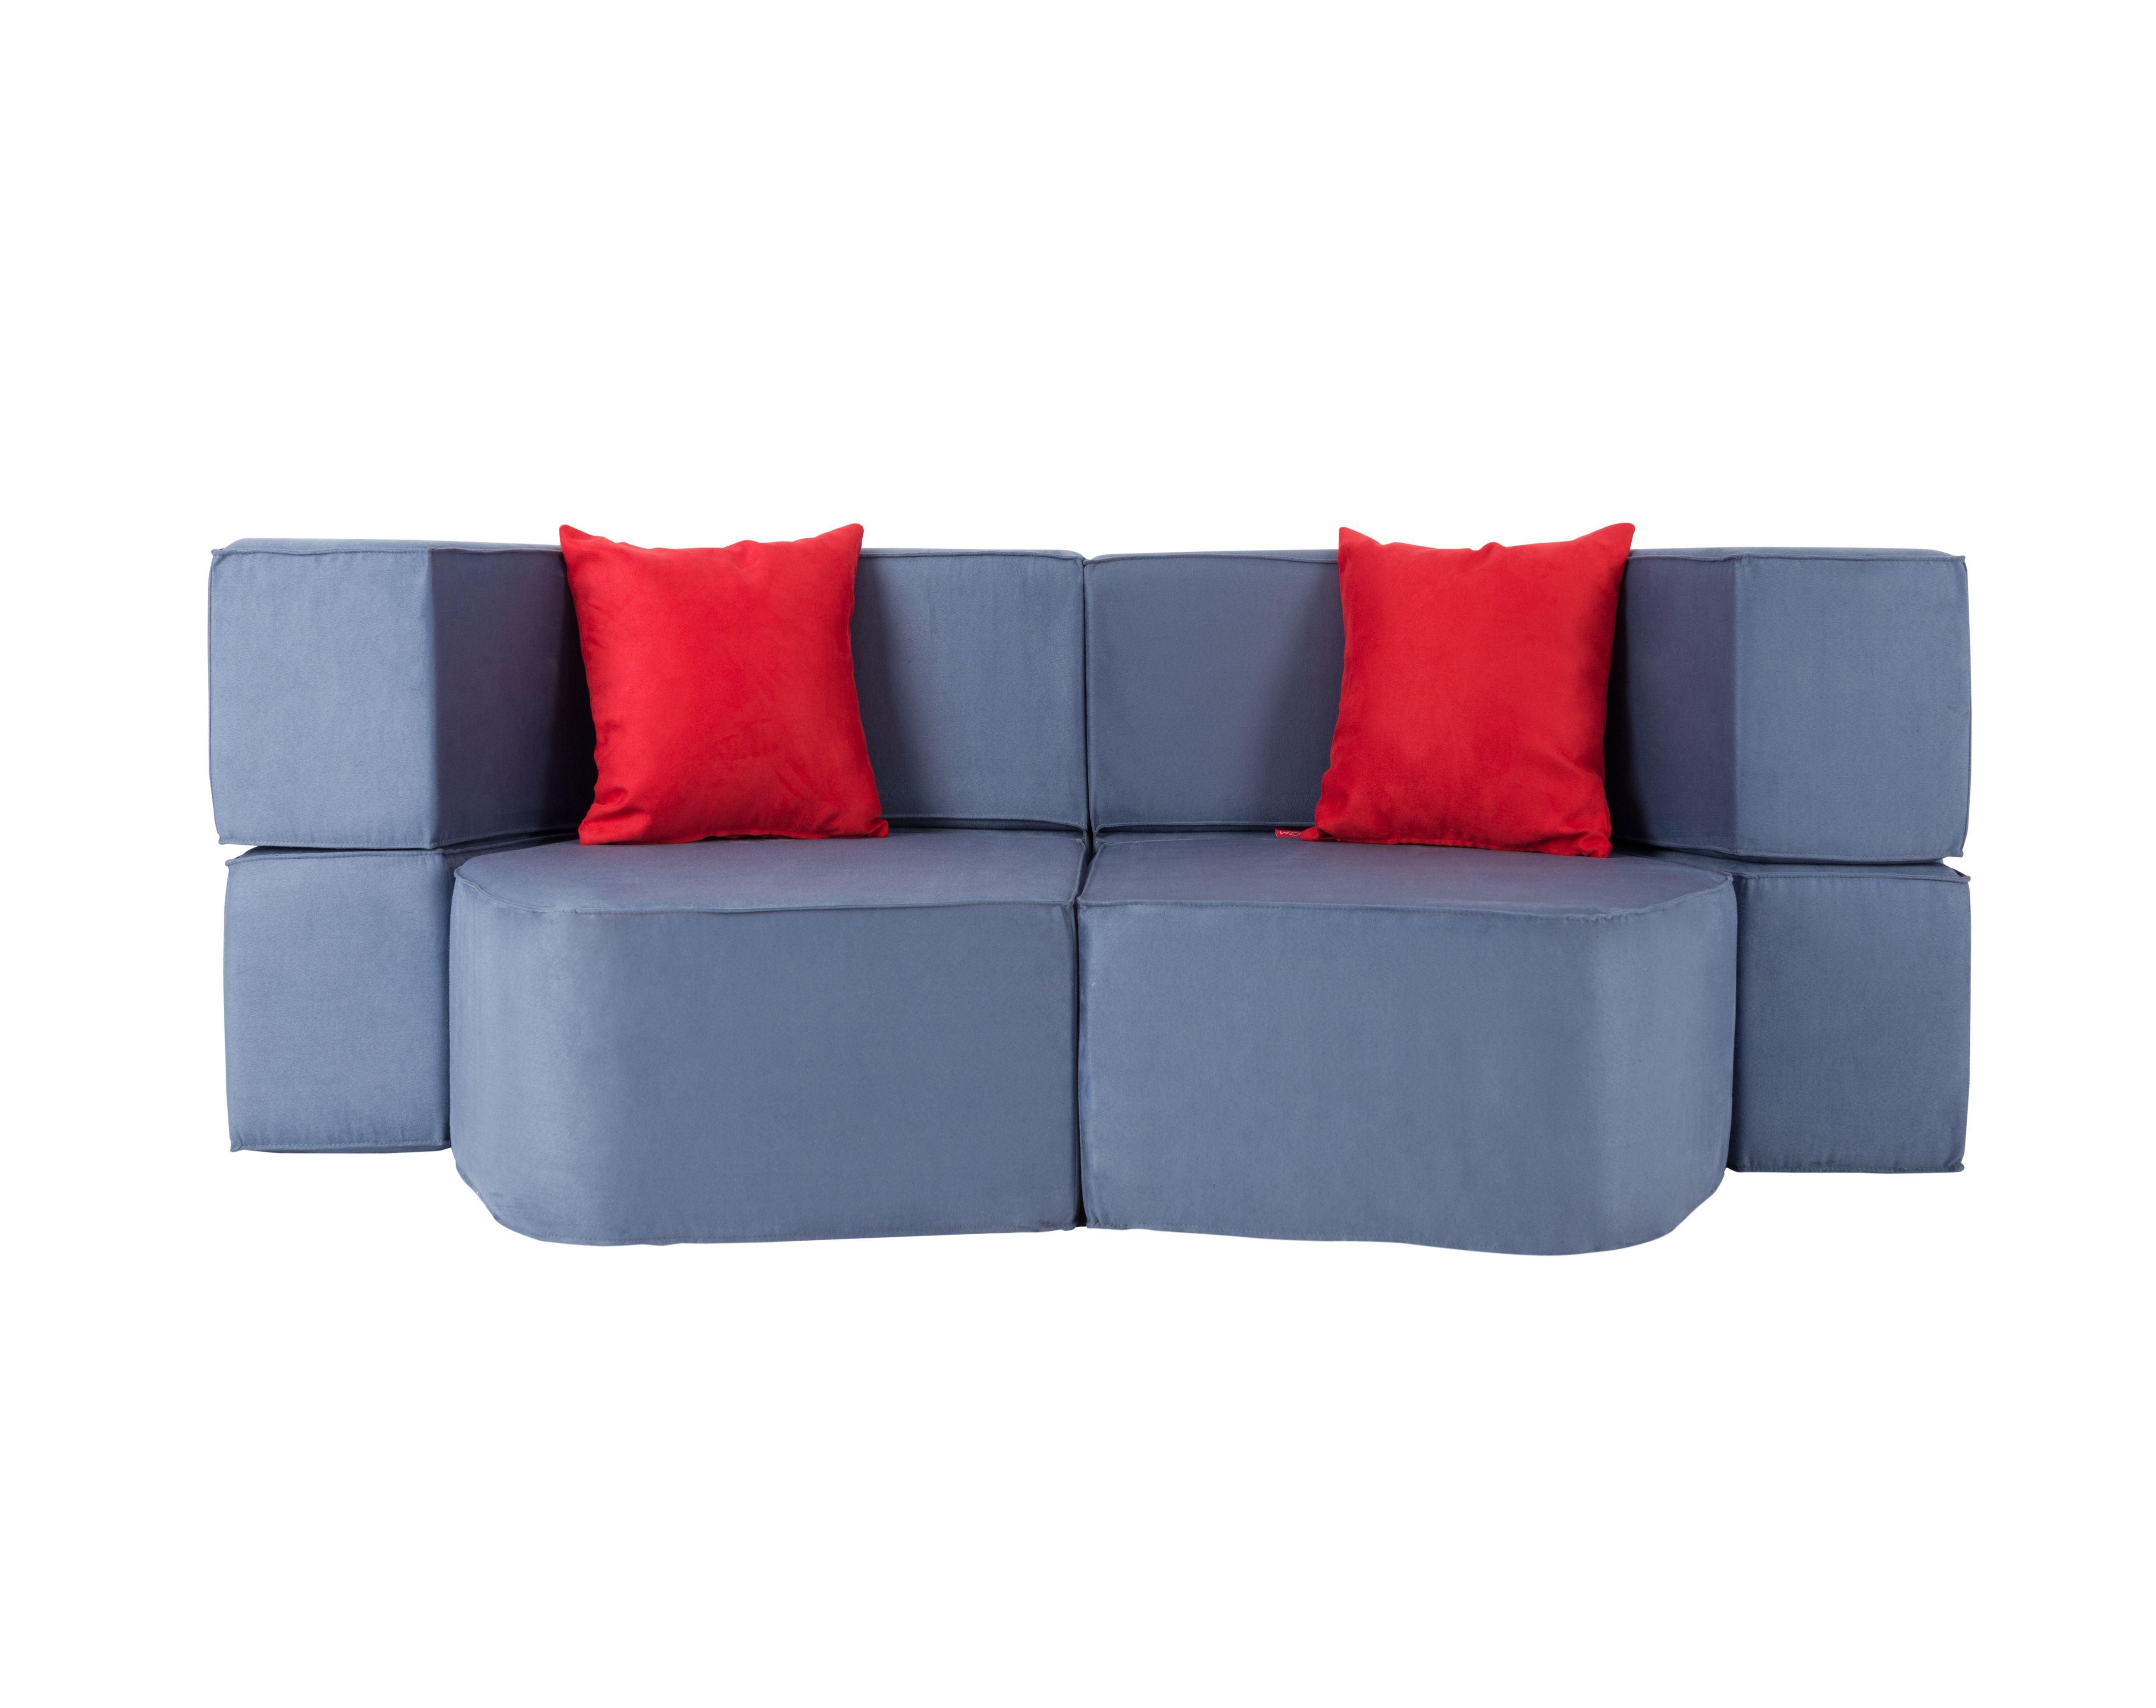 Muffin Modular Sofa / Colour: Blackcurrant. Pillows / Colour: Strawberry  #modular #